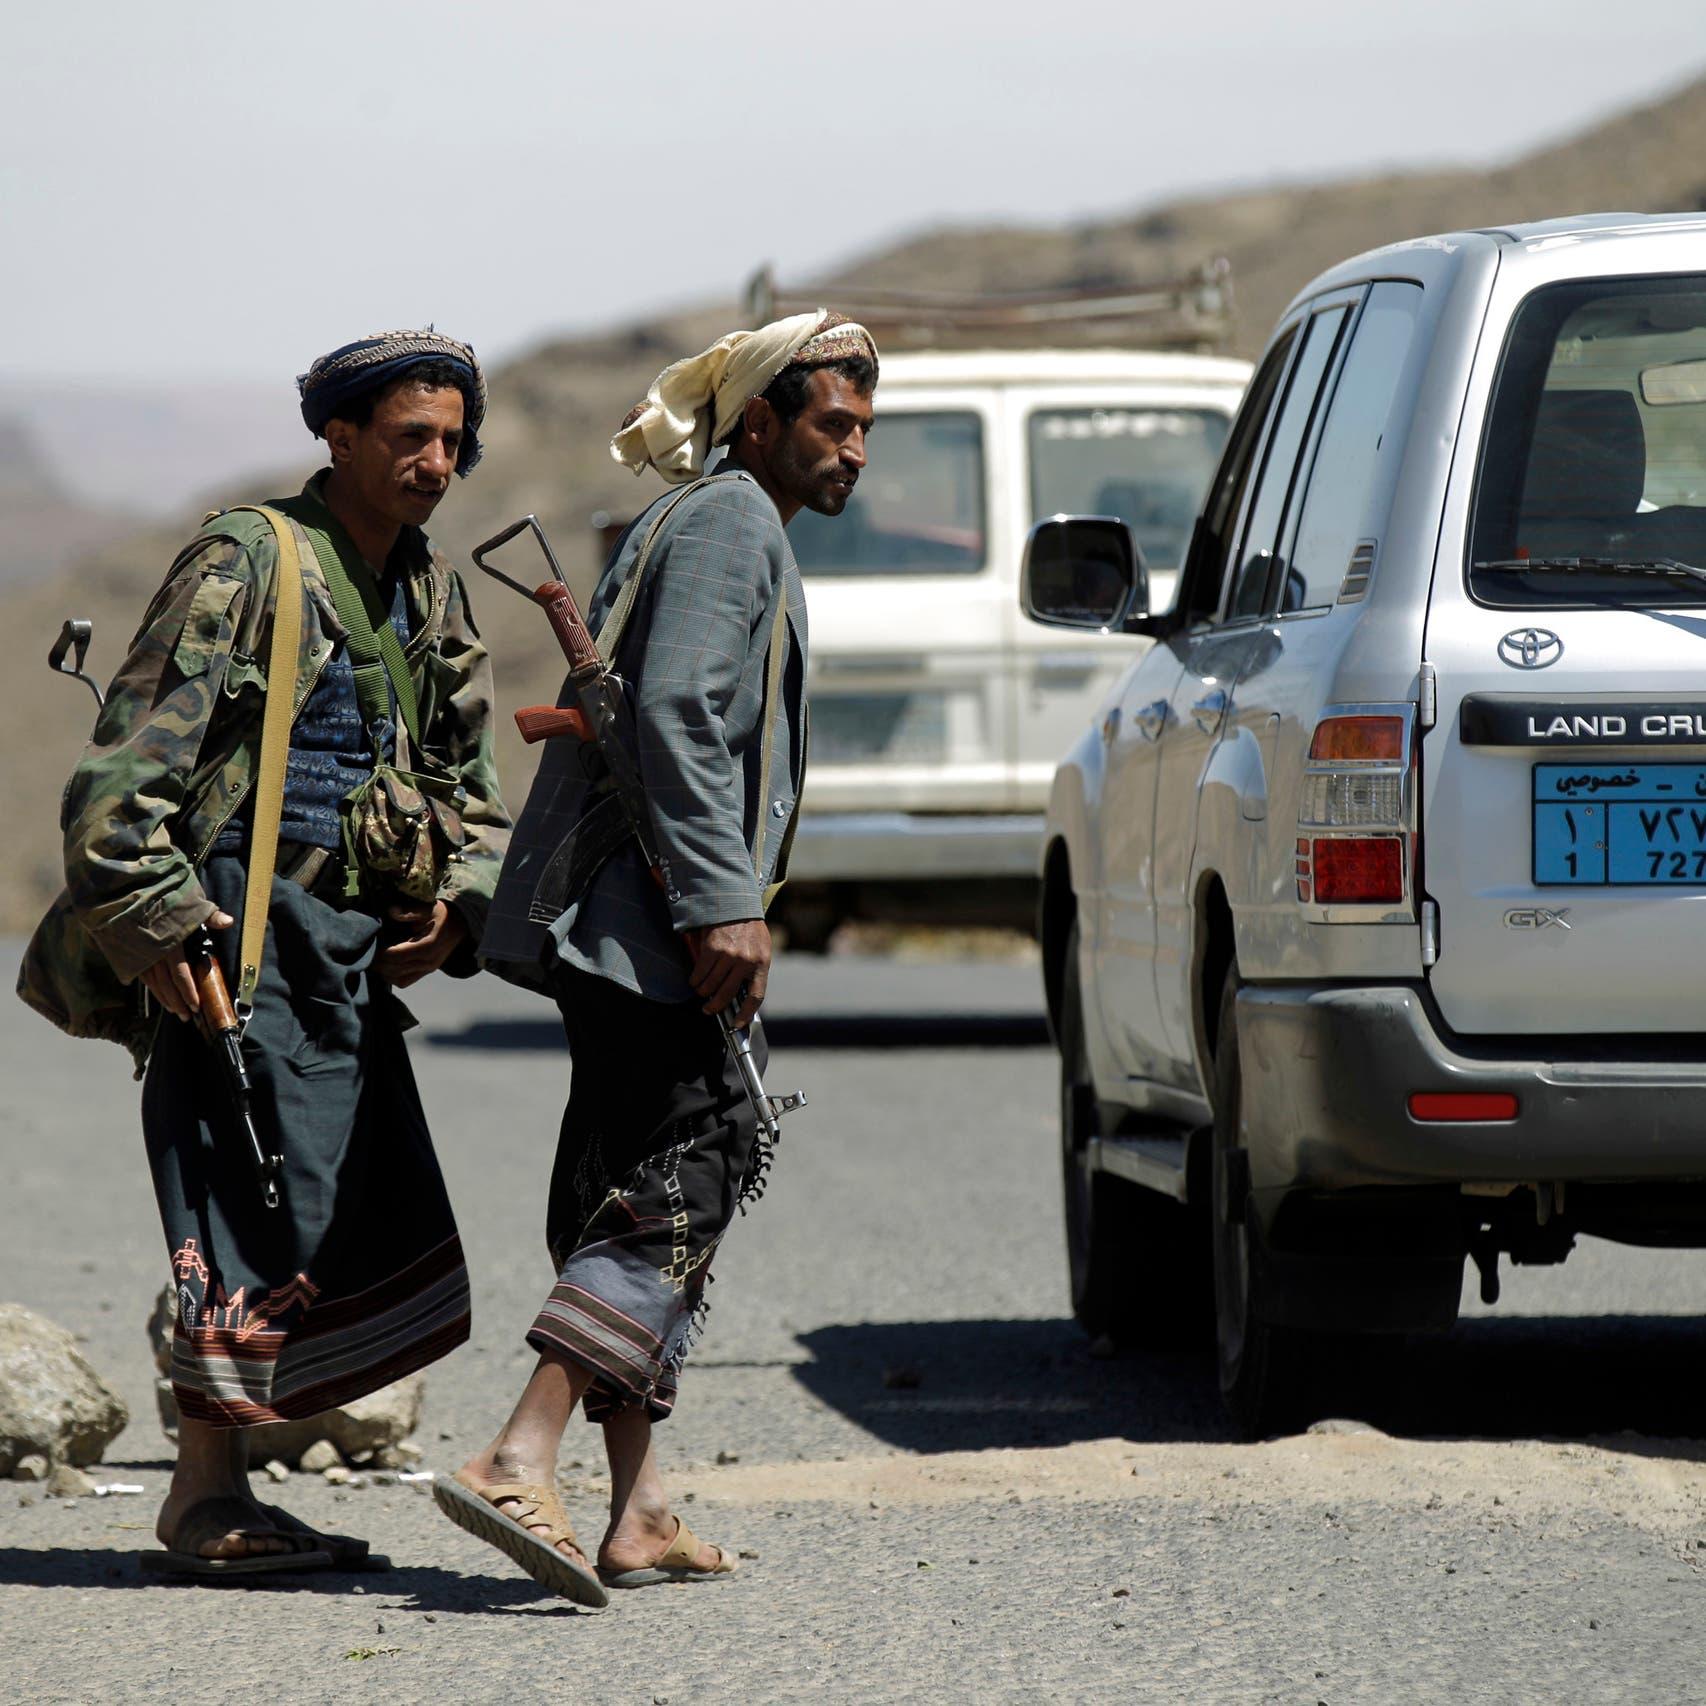 حوثي يحمل قنبلة داخل سيارة أجرة فيتسبب بمقتل وإصابة مدنيين